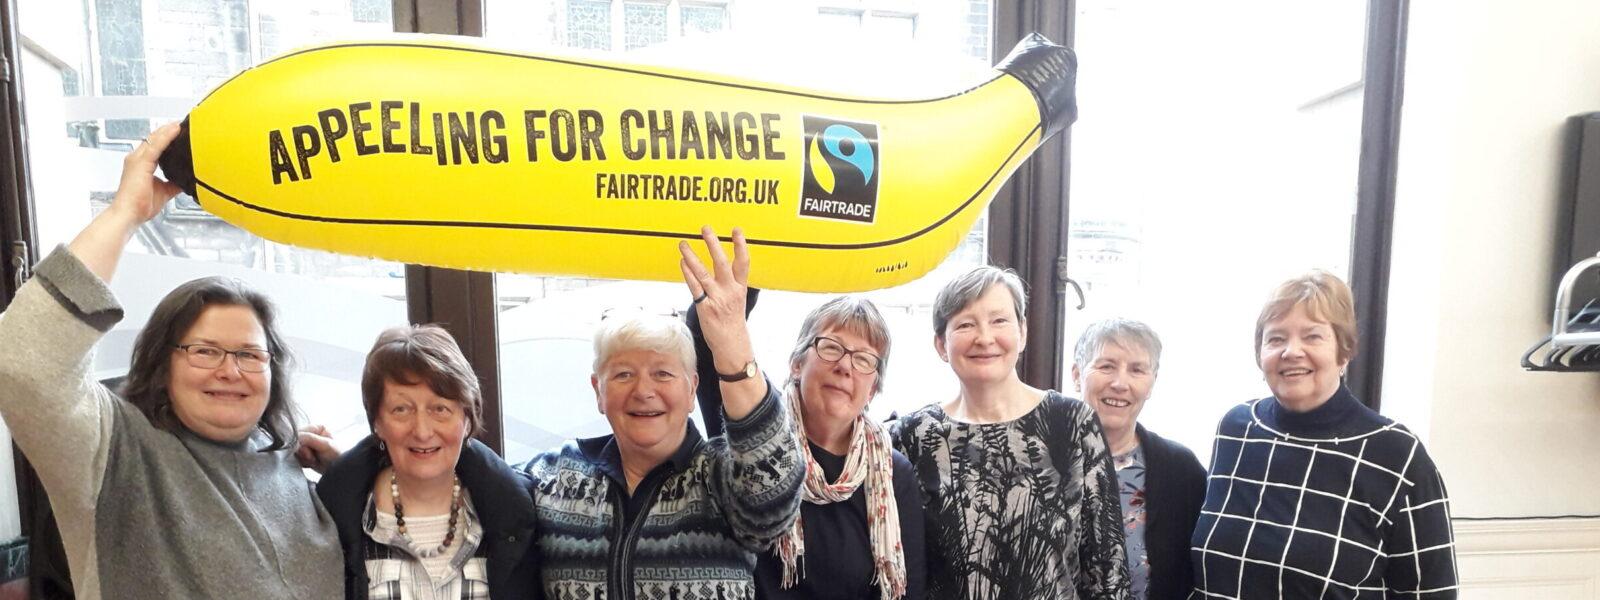 A group of women showing a banana balloon to promote Fairtrade